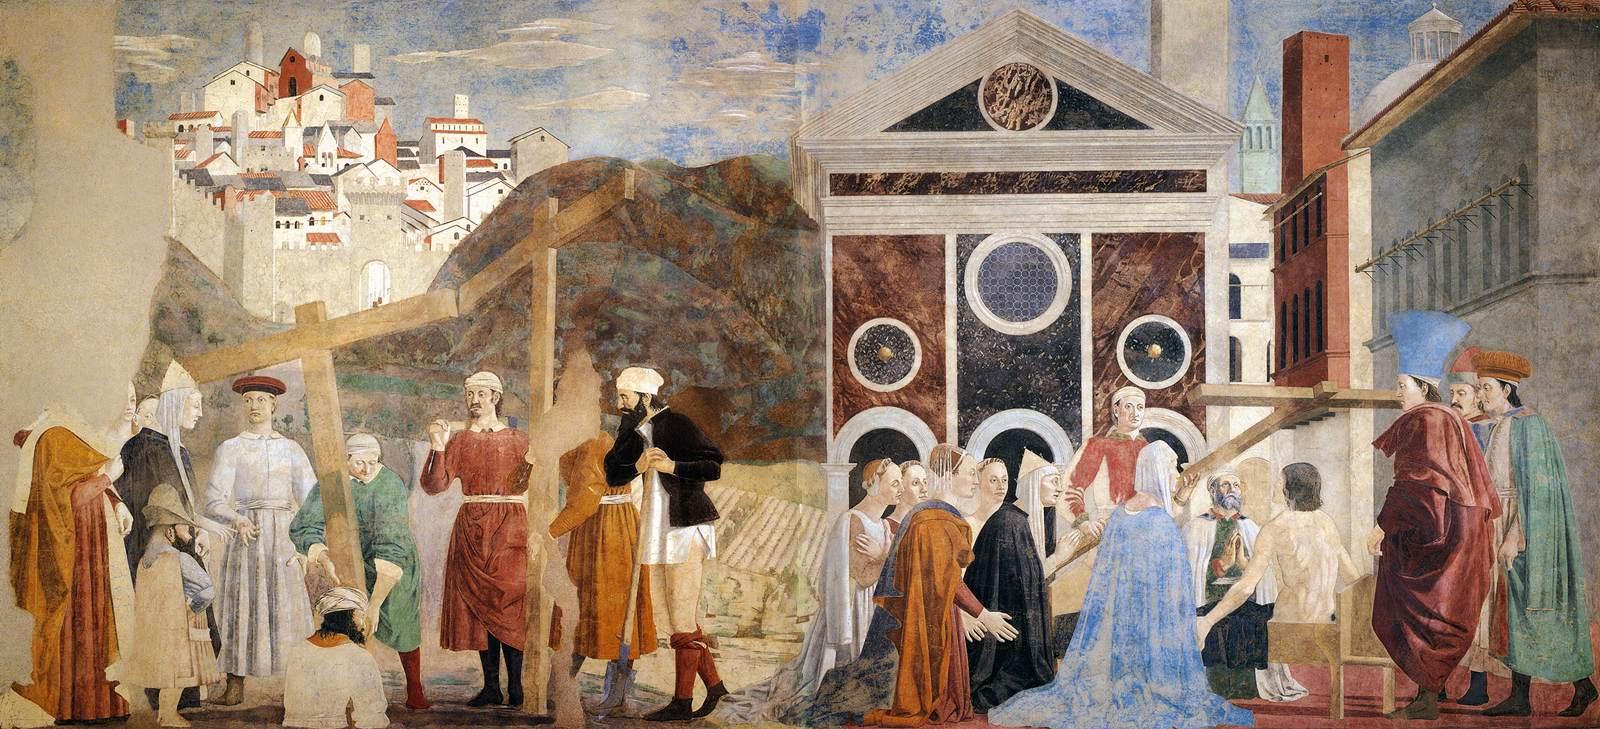 Знаменитая фреска о животворящем кресте в базилике Сан-Франческо, Ареццо, Италия